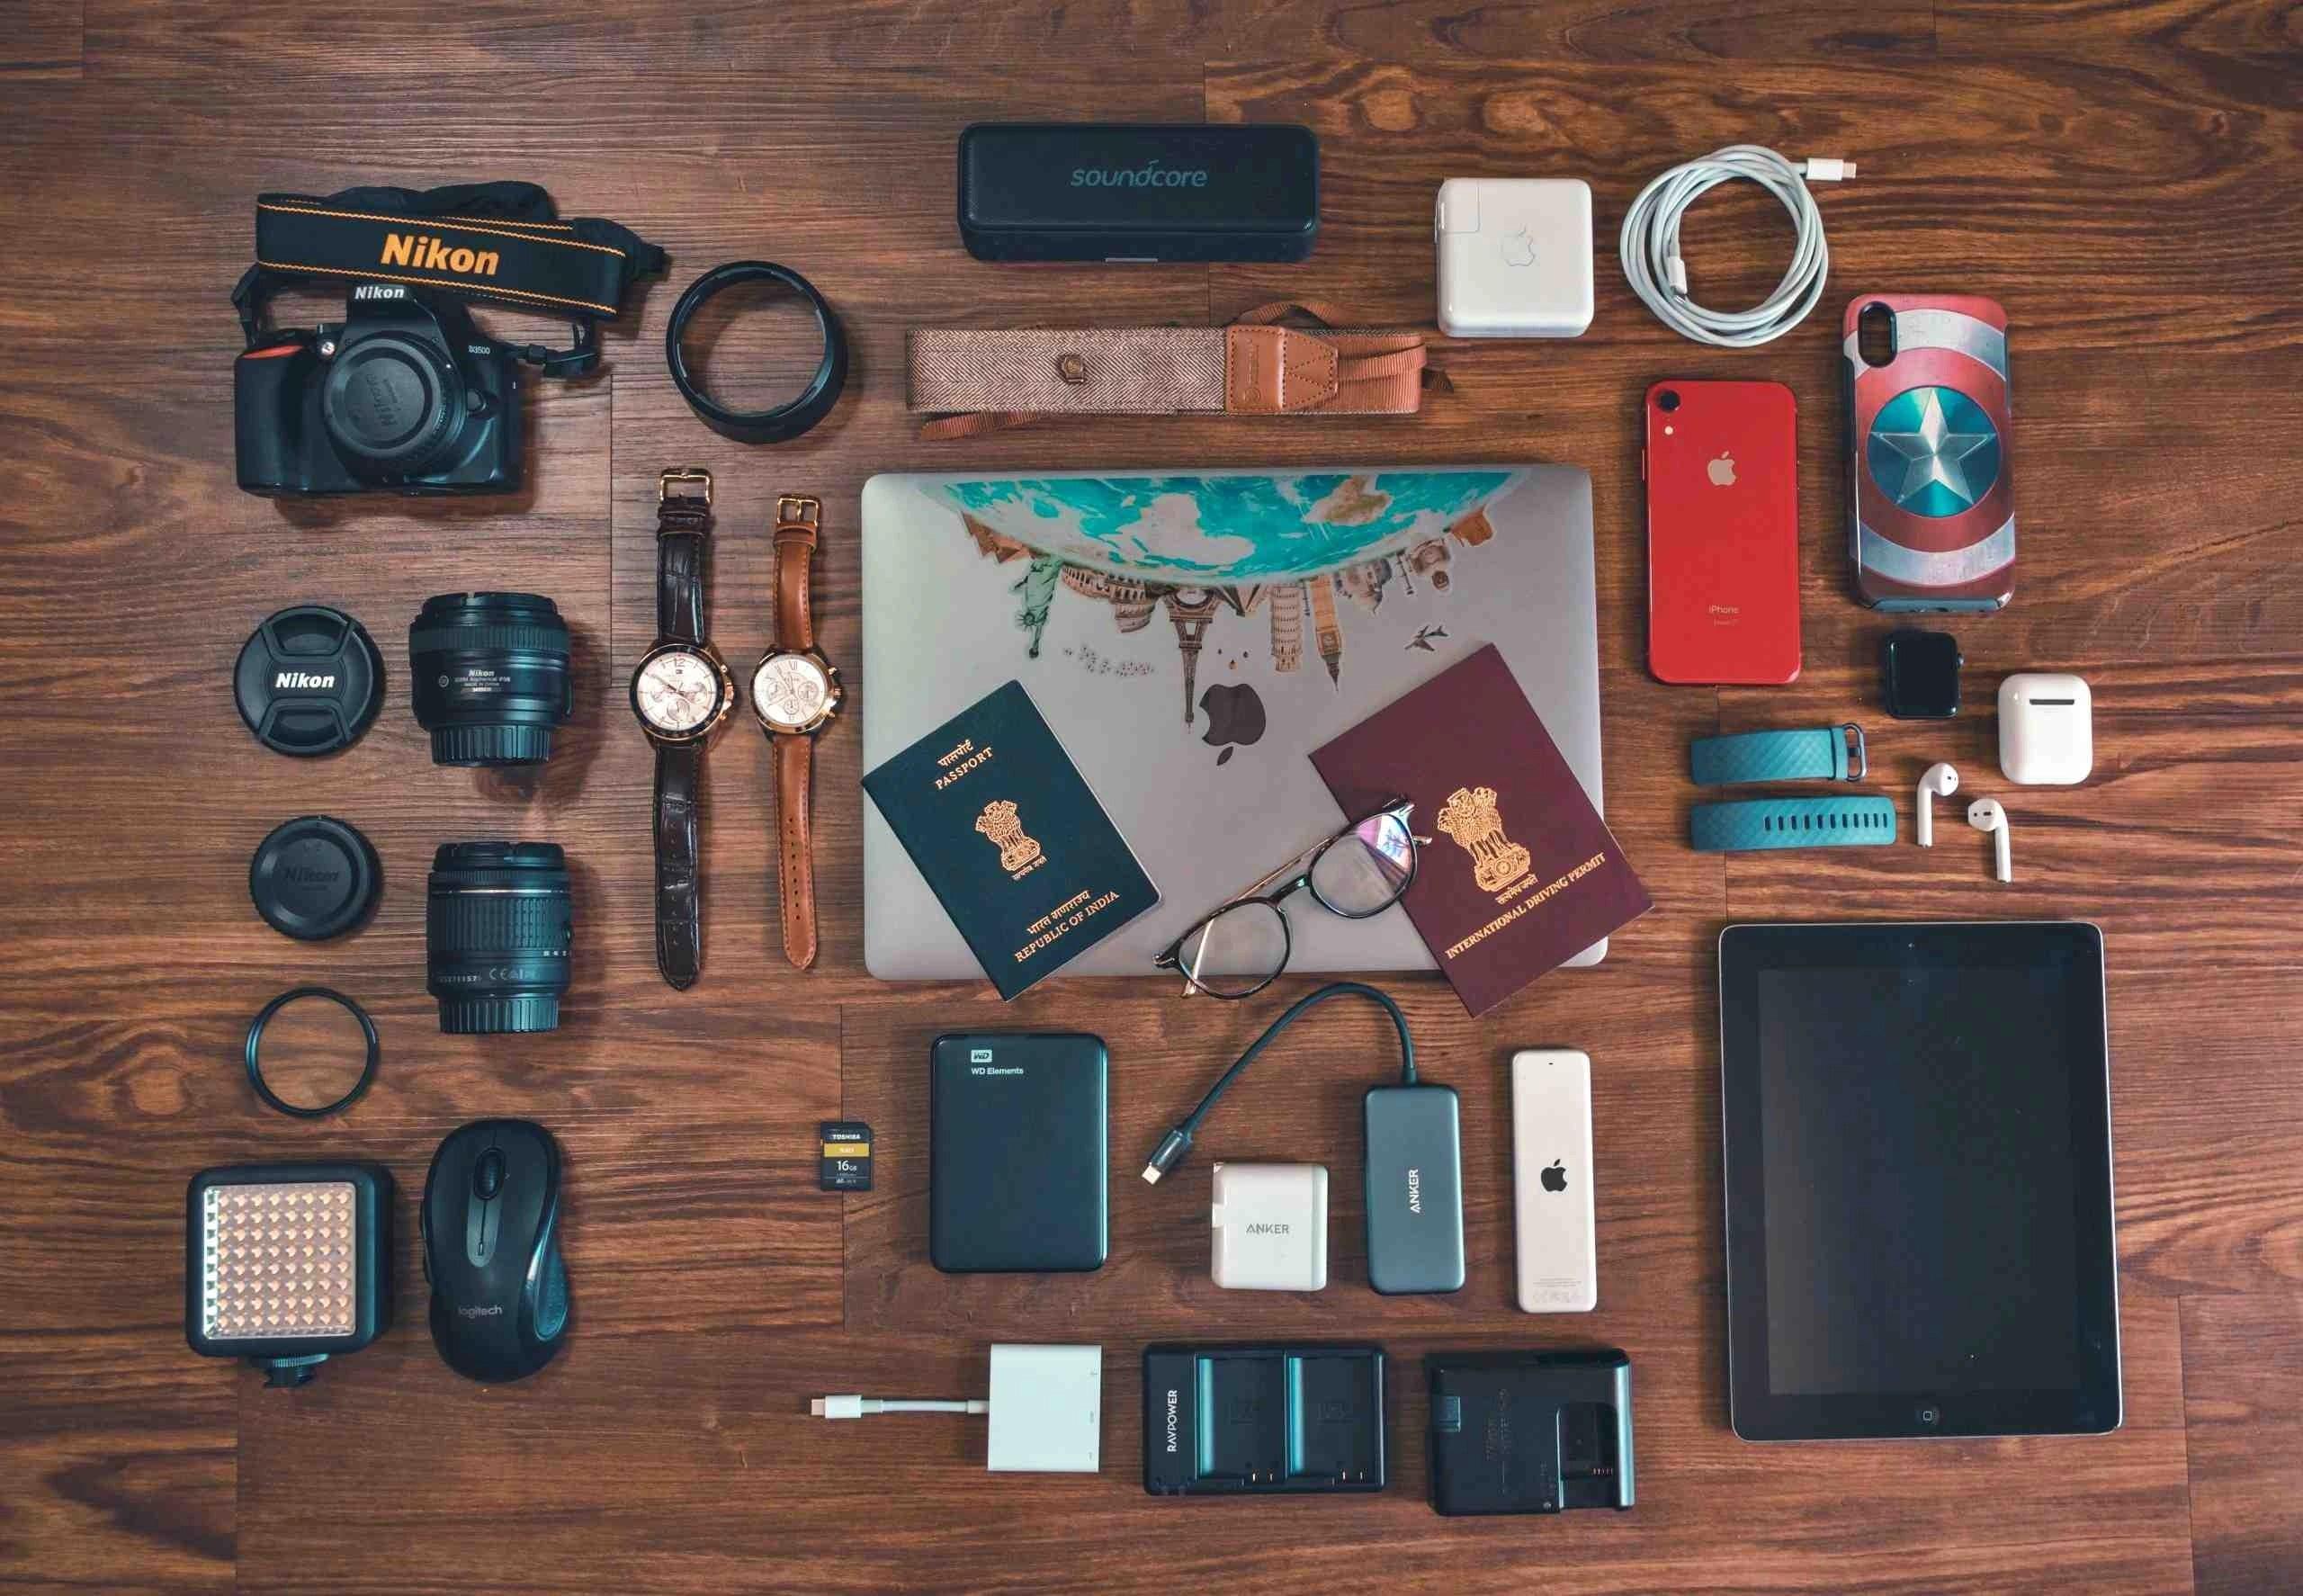 郵輪禁止攜帶物品 - 一大堆3C產品都需要充電